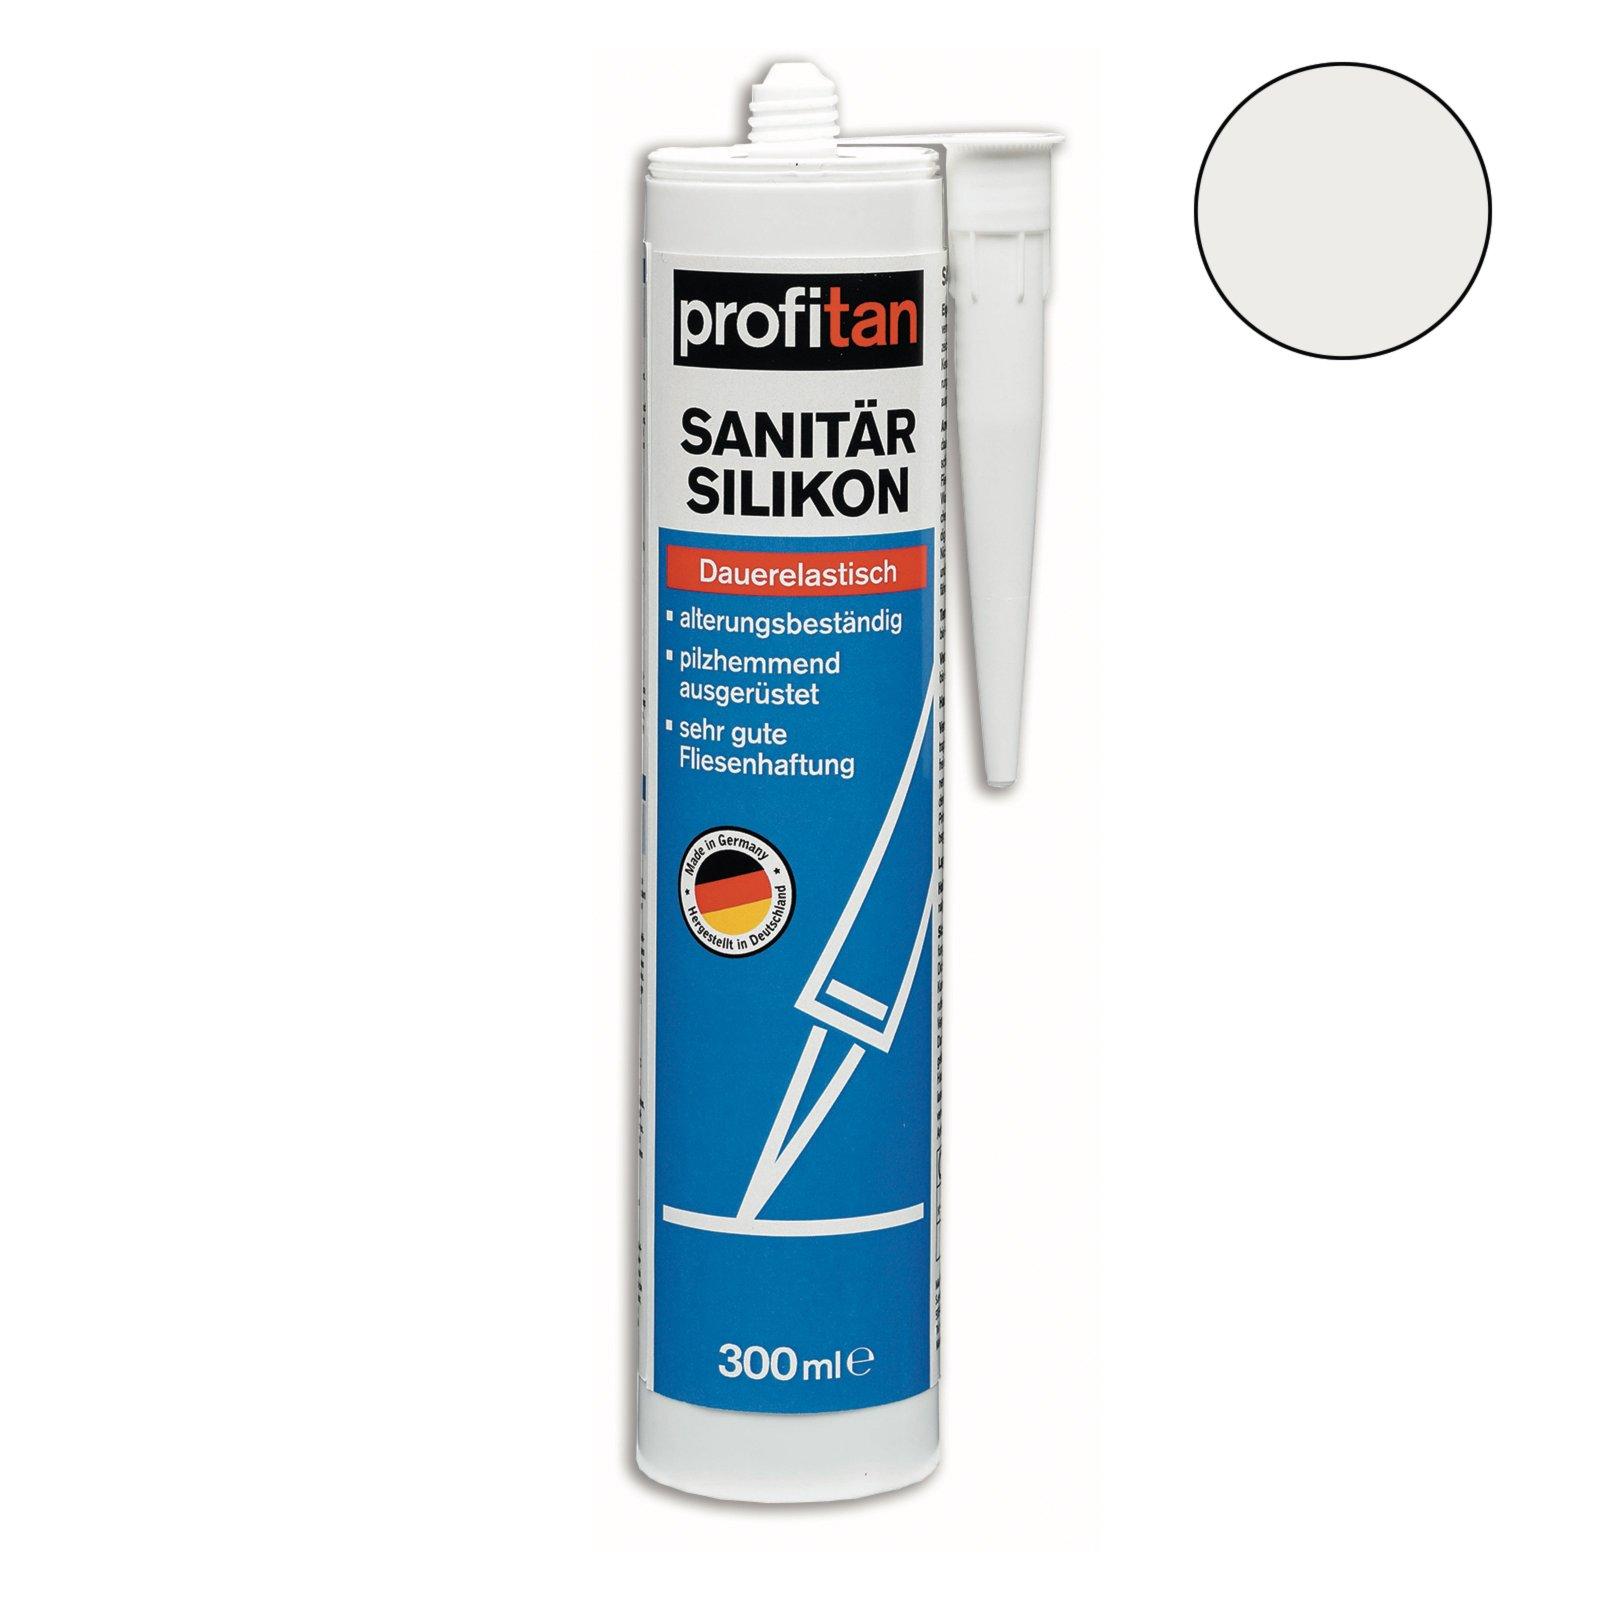 profitan Sanitär-Silikon - silbergrau - 300 ml